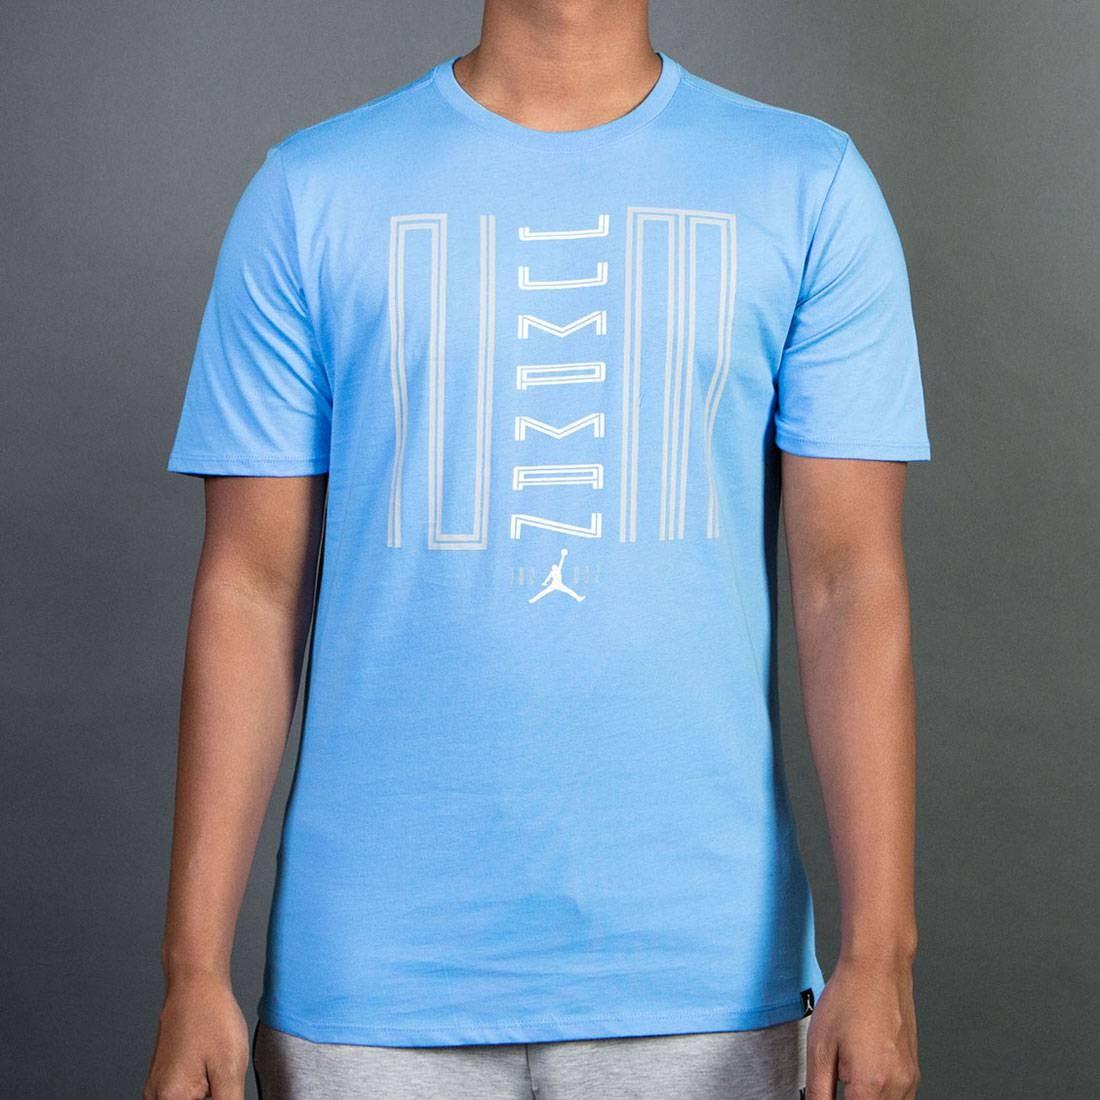 be581190c97 jordan men air jordan 11 jumpman 23 tee blue university blue white